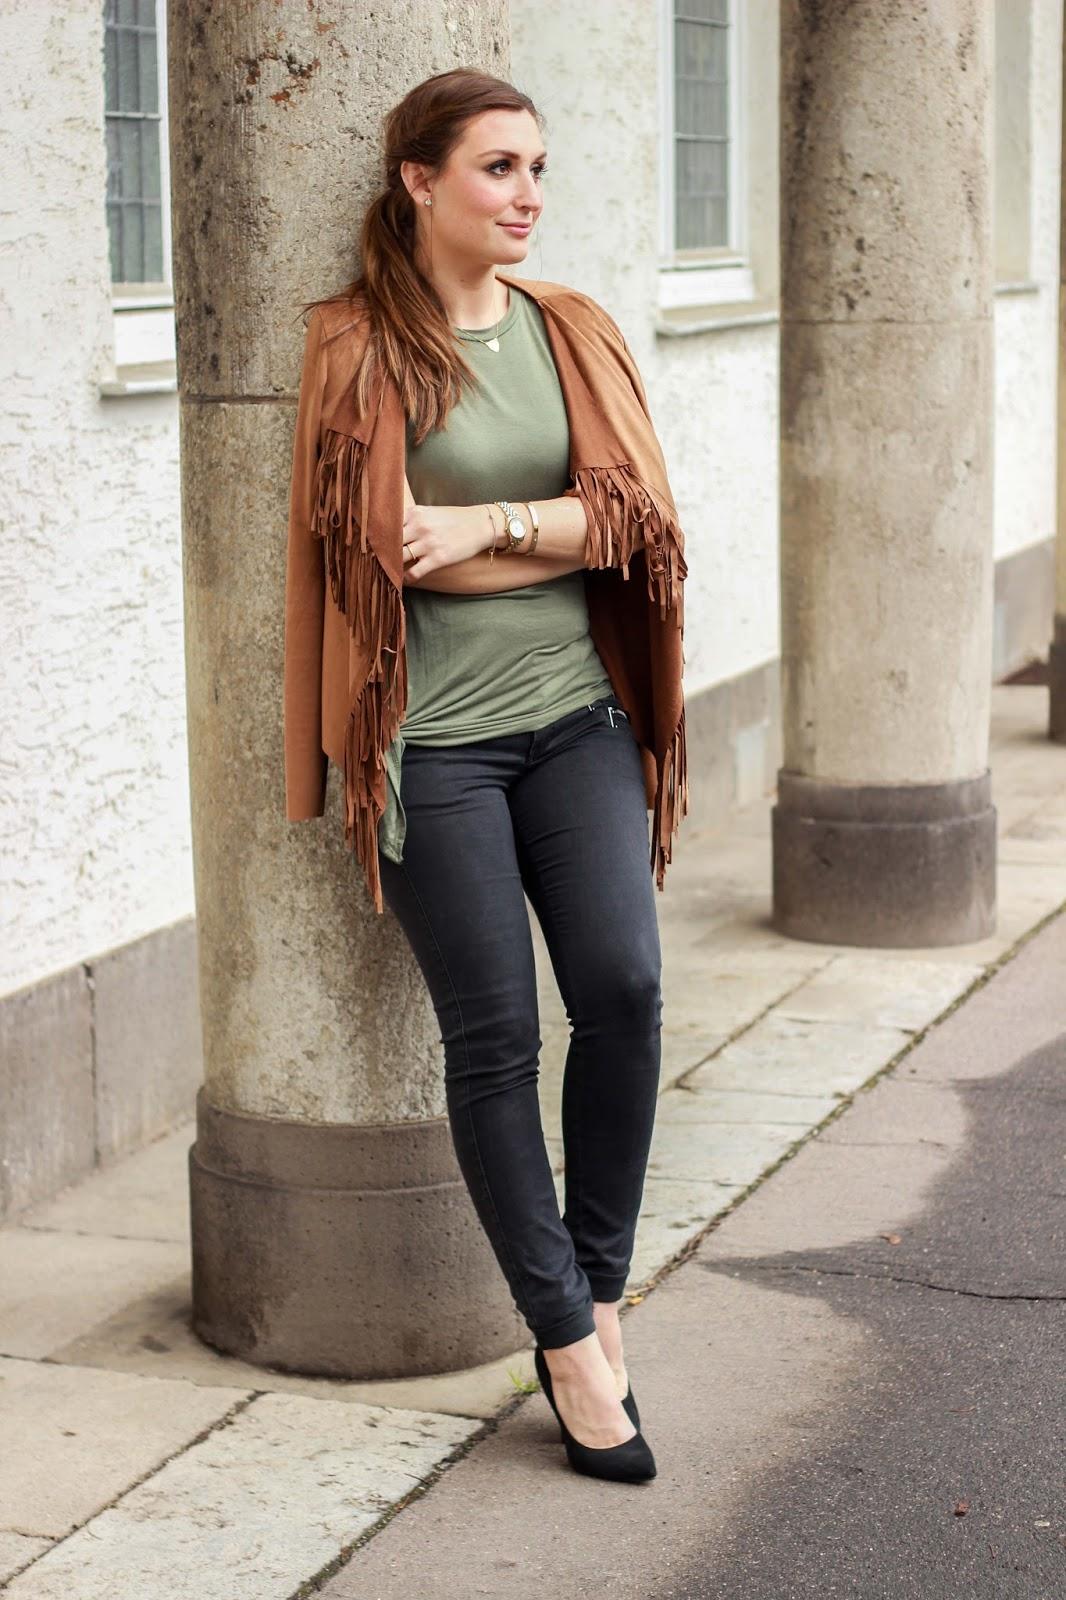 Fashionstylebyjohanna -deutsche Mode blogger -blogger aus deutschlend - frankfurt fashionblogger - fashionblogger aus frankfurt - deutsche fashionblogger